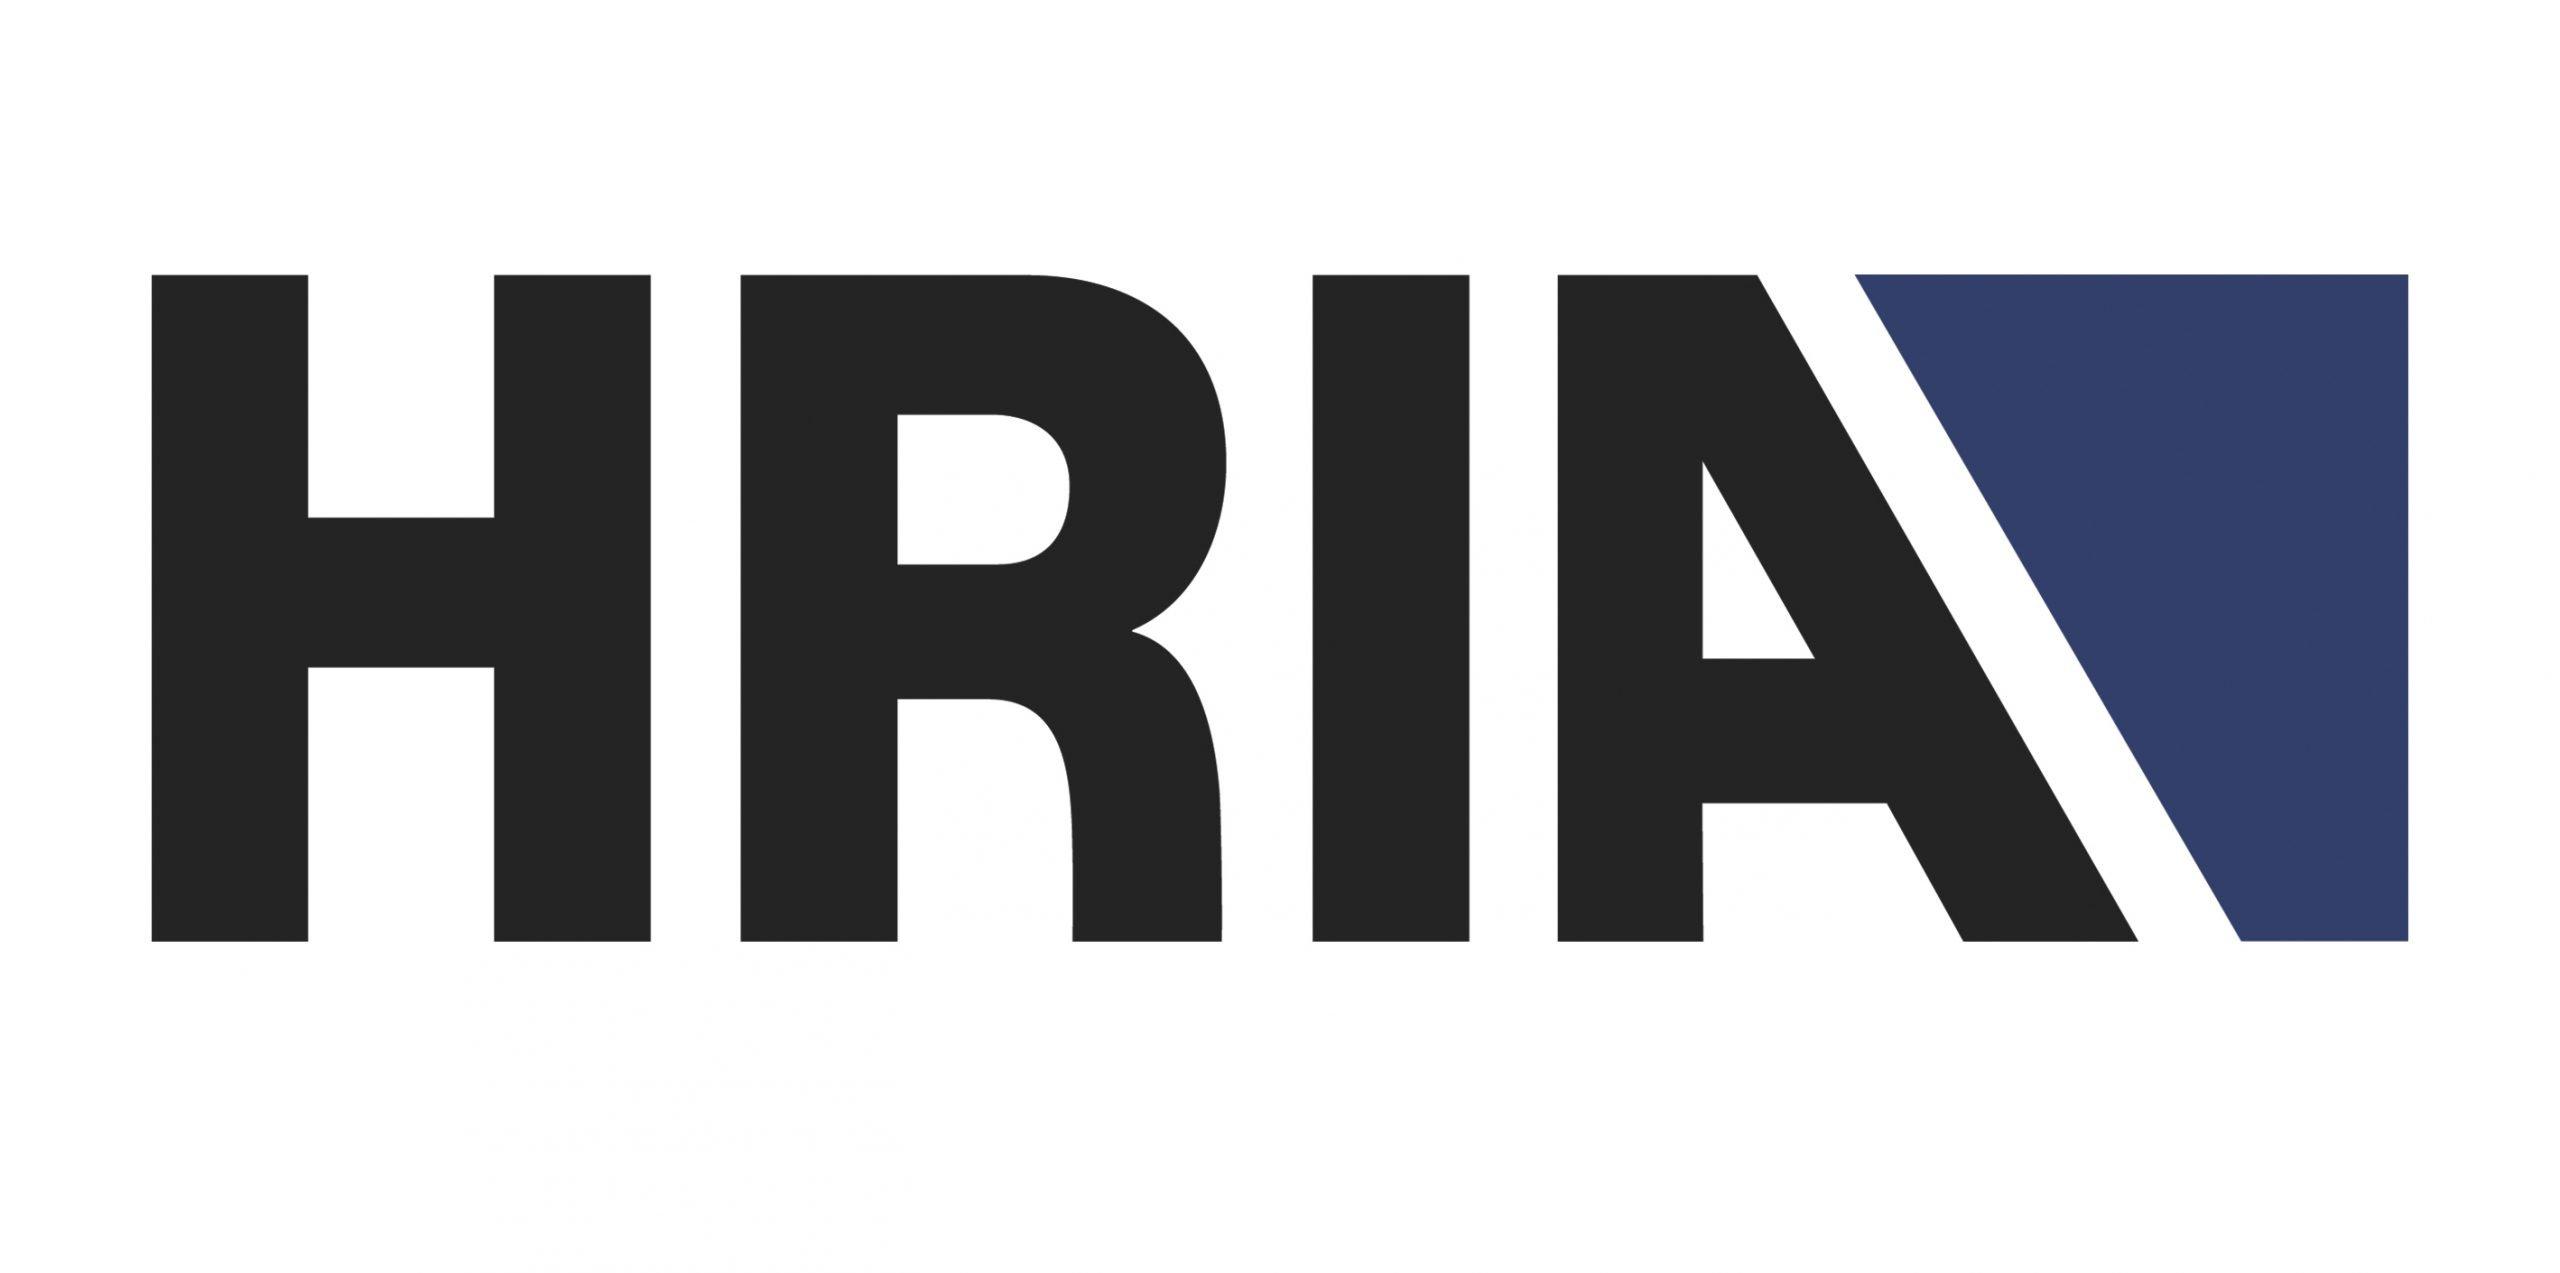 hria_logo-2019